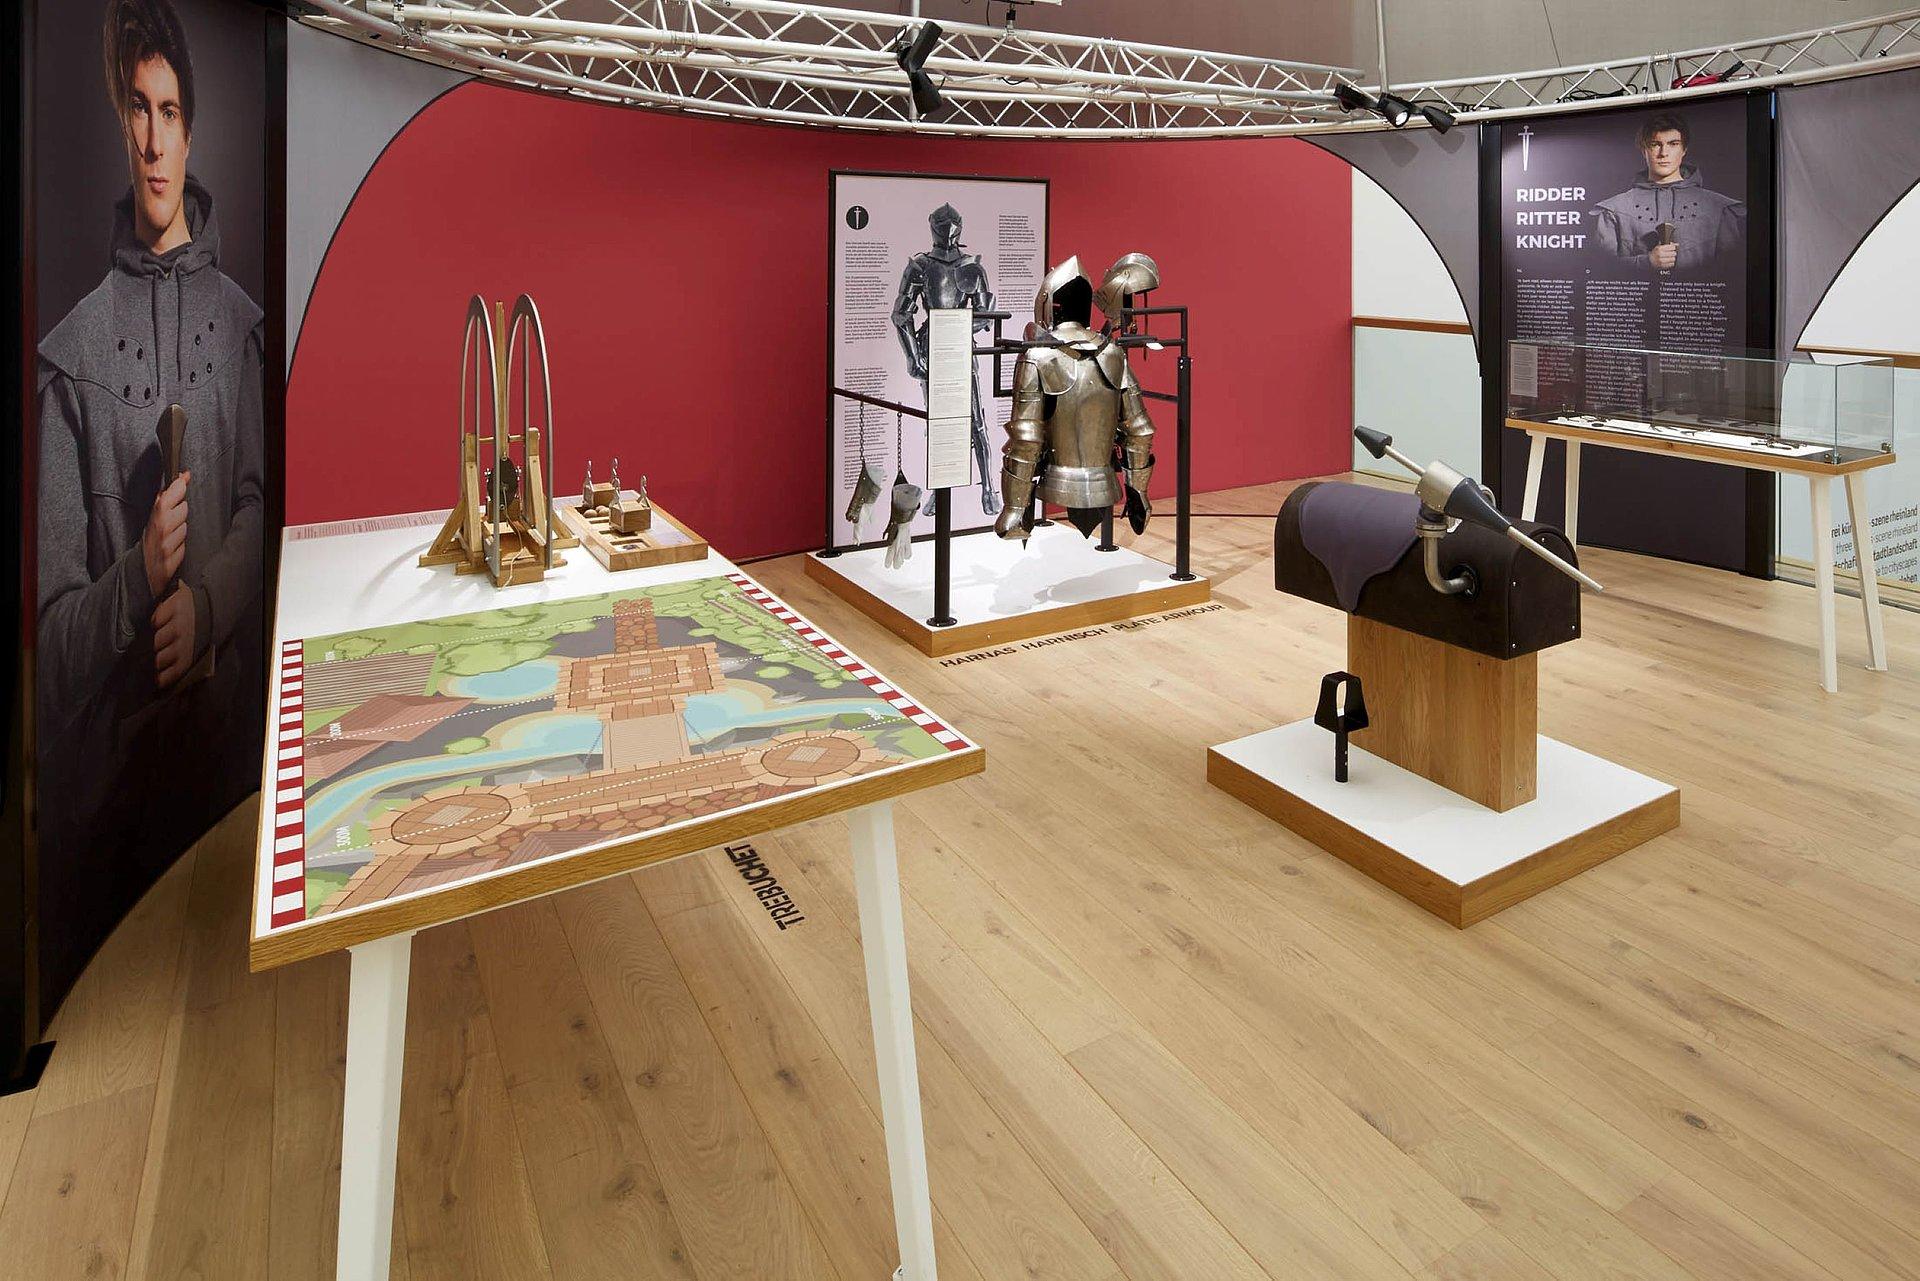 Mitmachstation Landesausstellung Mainz, Rheinhessen